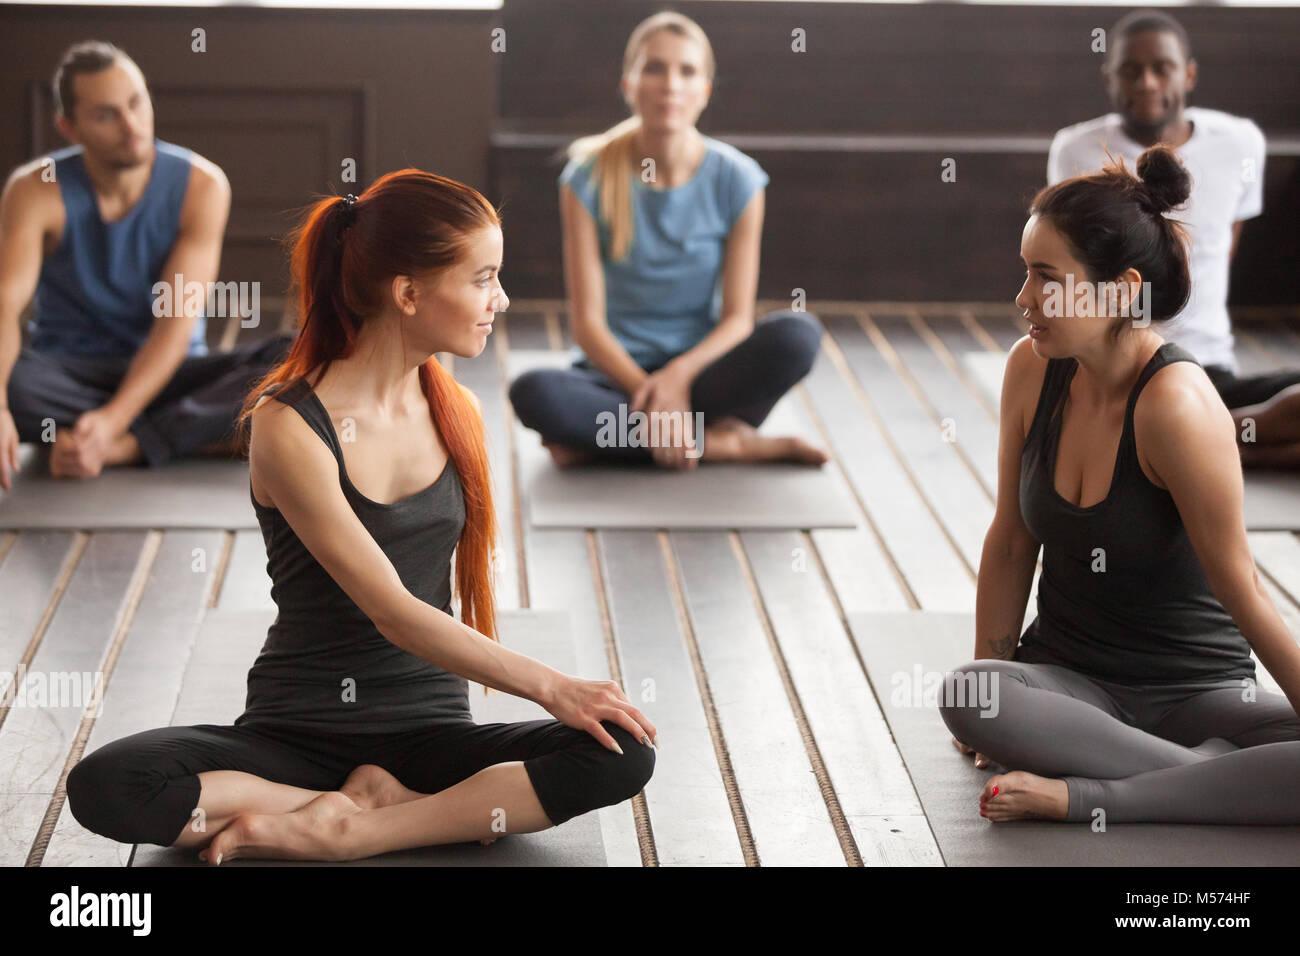 Zwei junge Schöne passen Frauen sprechen in der Gruppe Yoga Ausbildung Stockbild